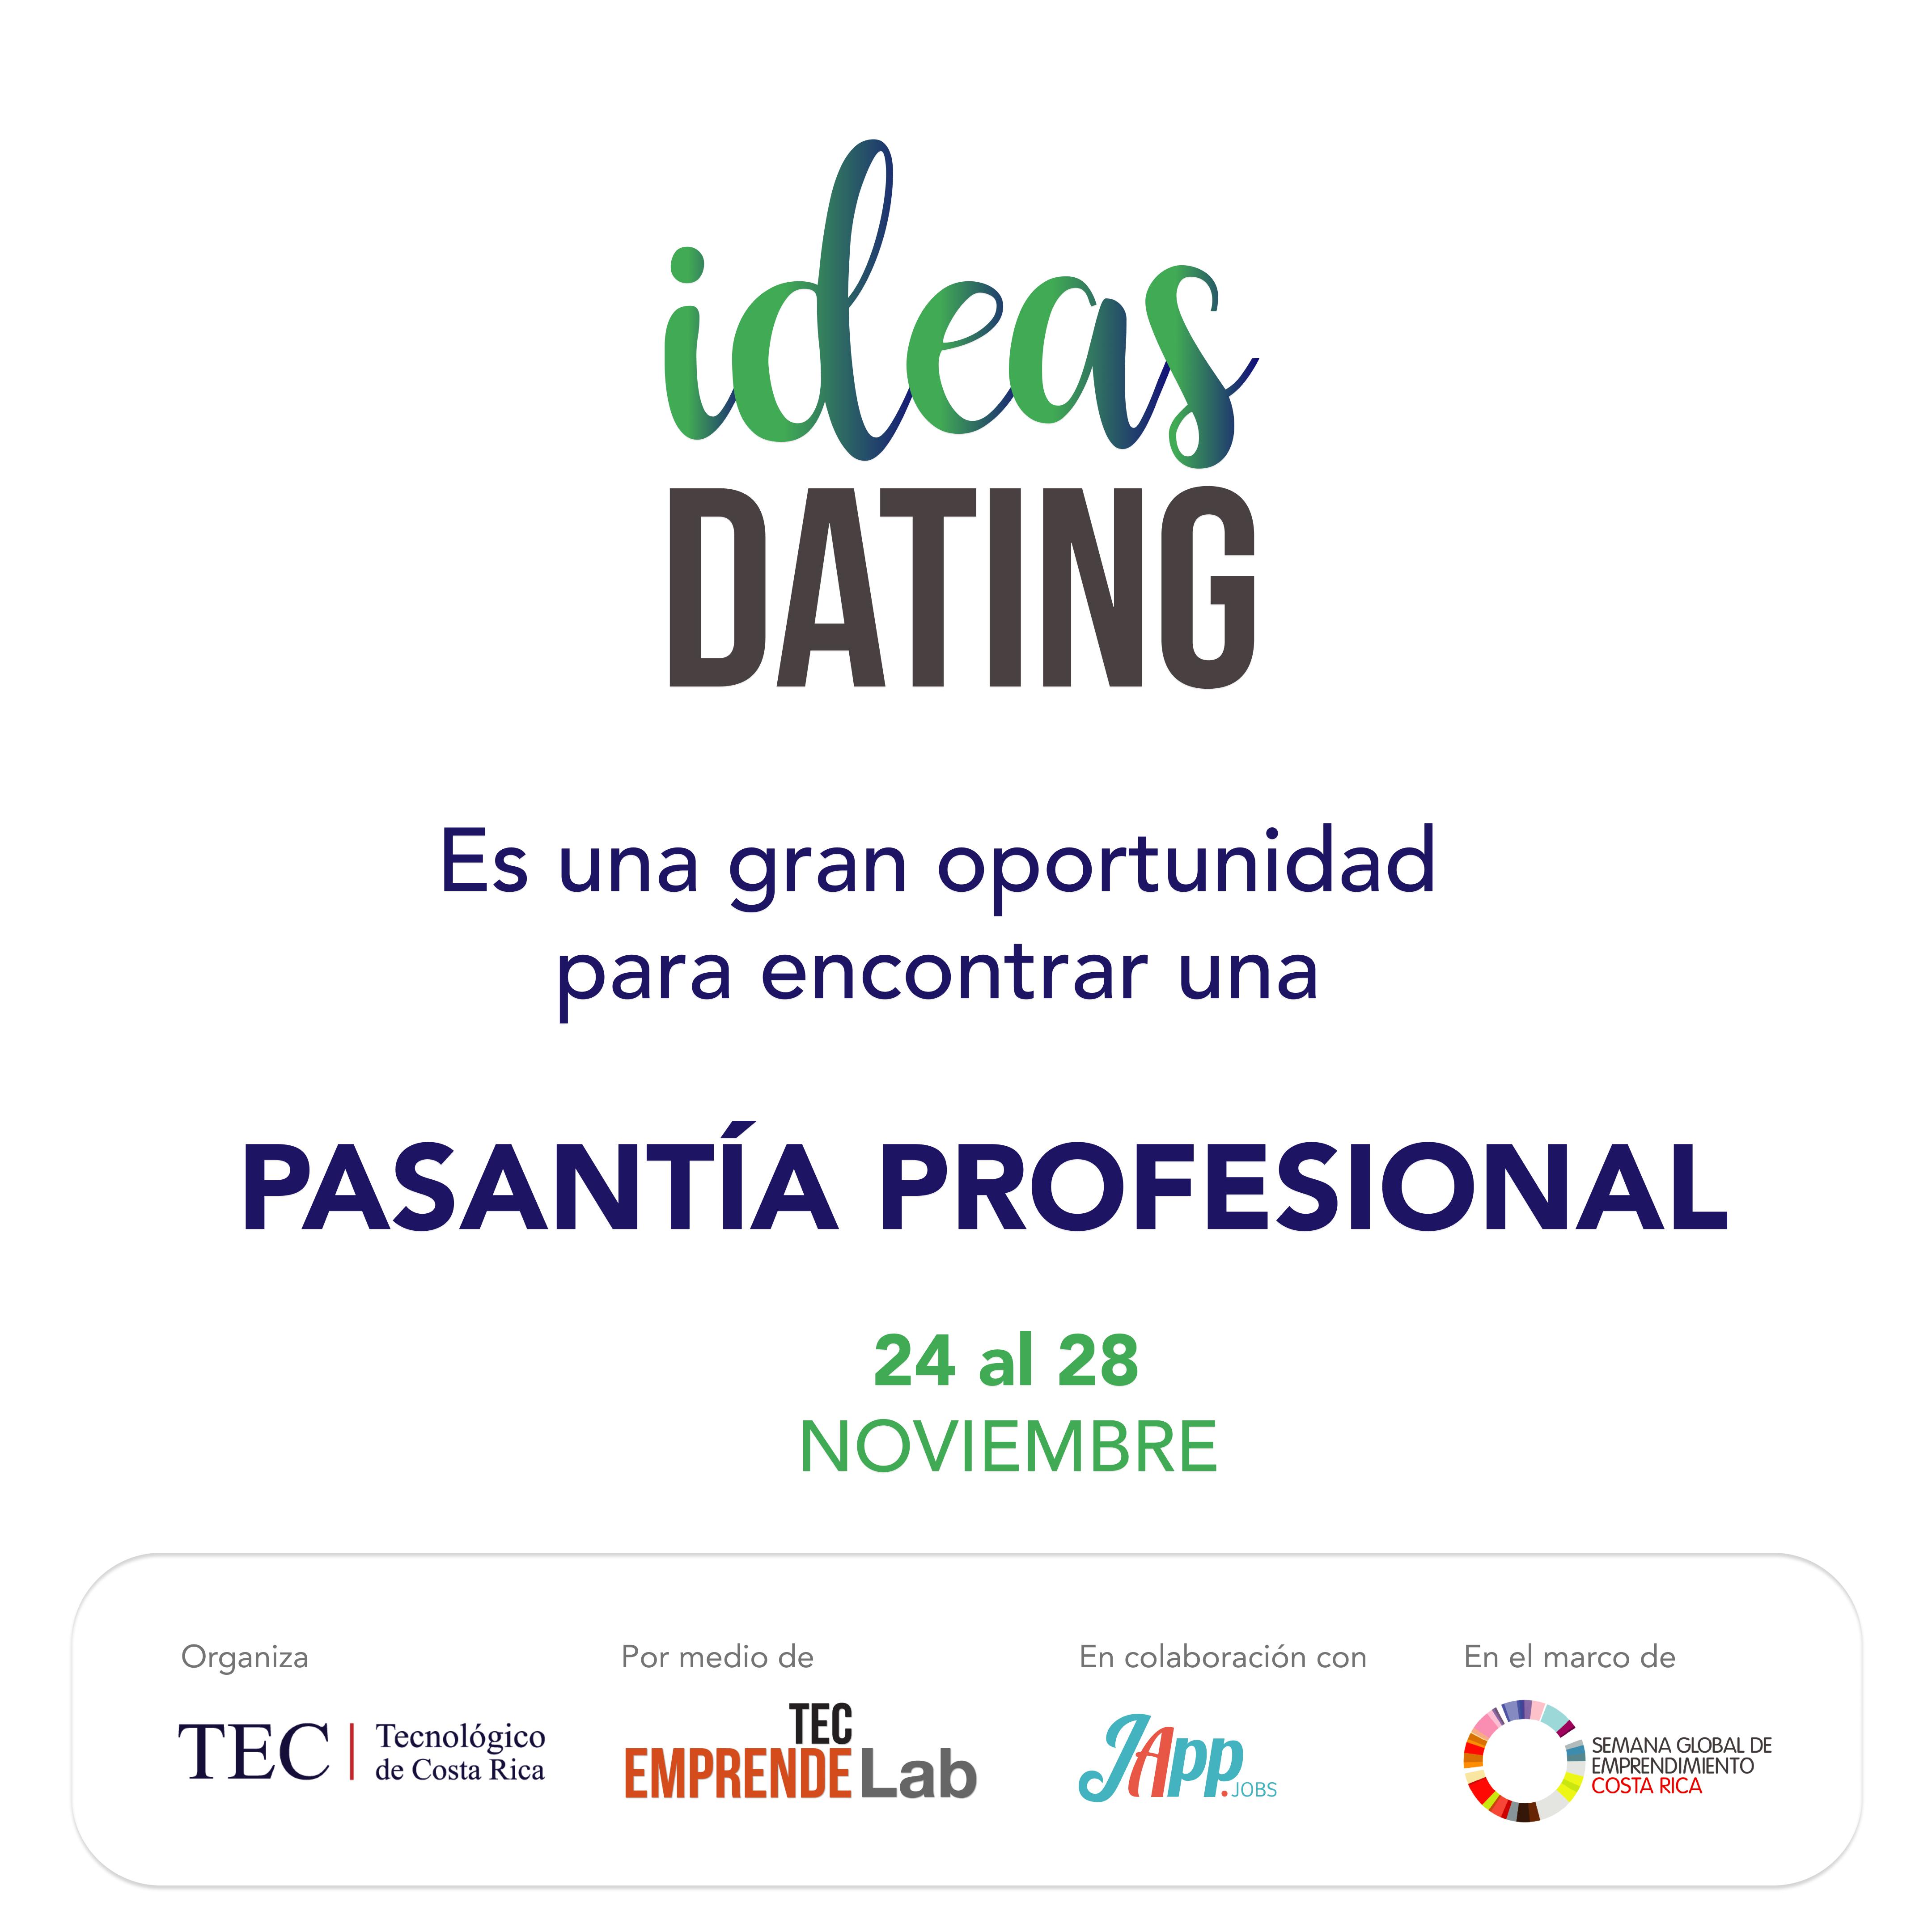 Invitación Ideas Dating con logo y texto que indica la oportunidad para encontrar una pasantía